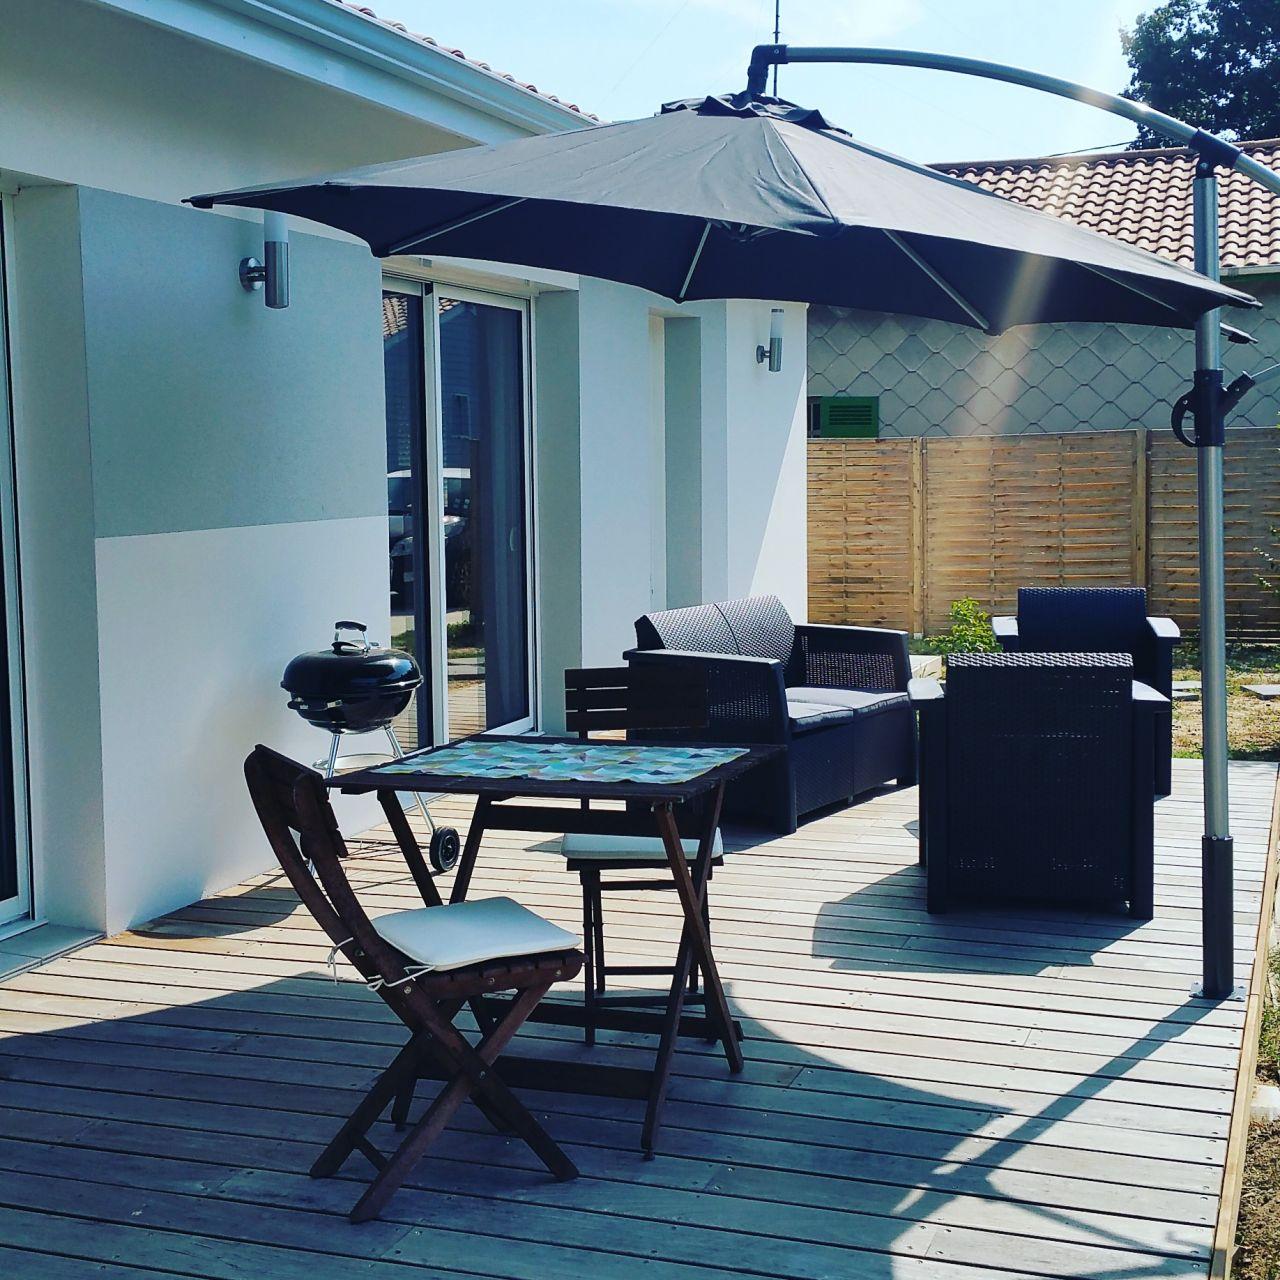 Habillage terrasse finie et parasol installé :)